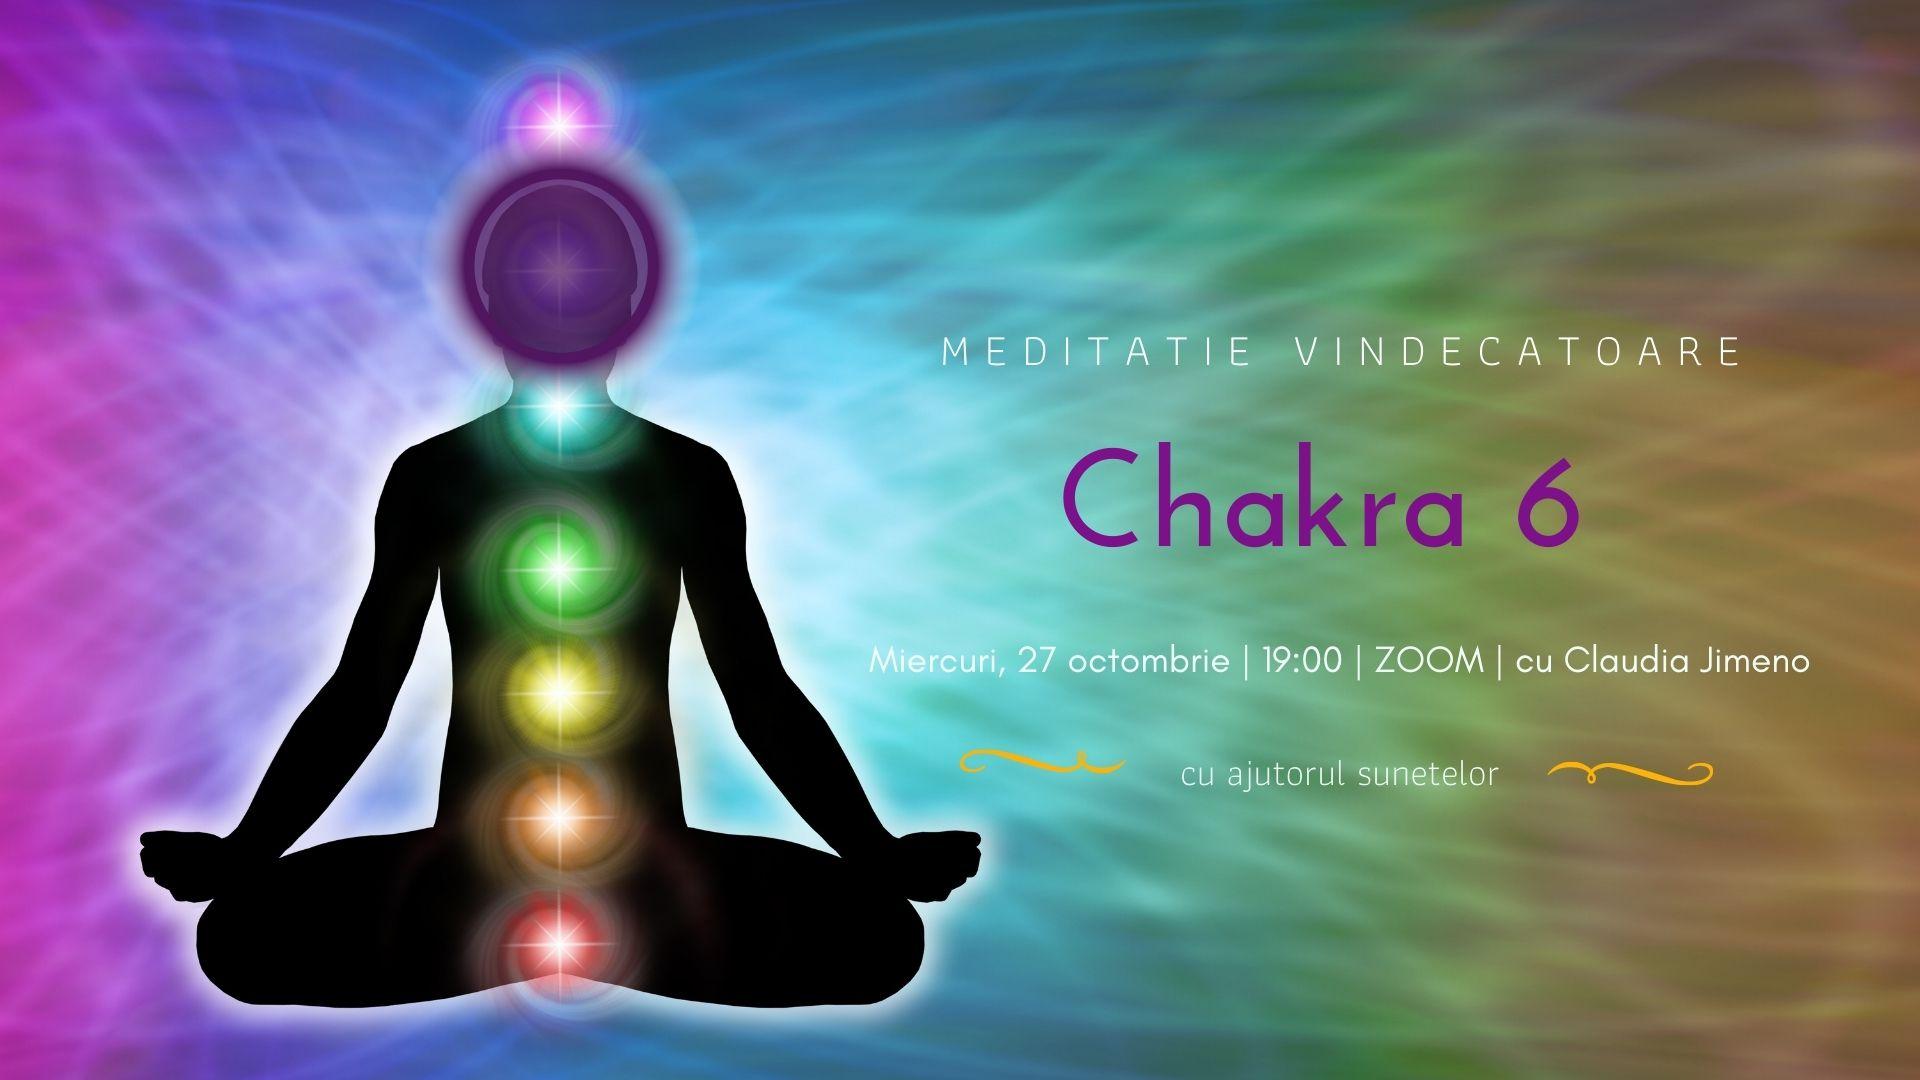 Meditatie cu sunete chakra 6 cu Claudia Jimeno